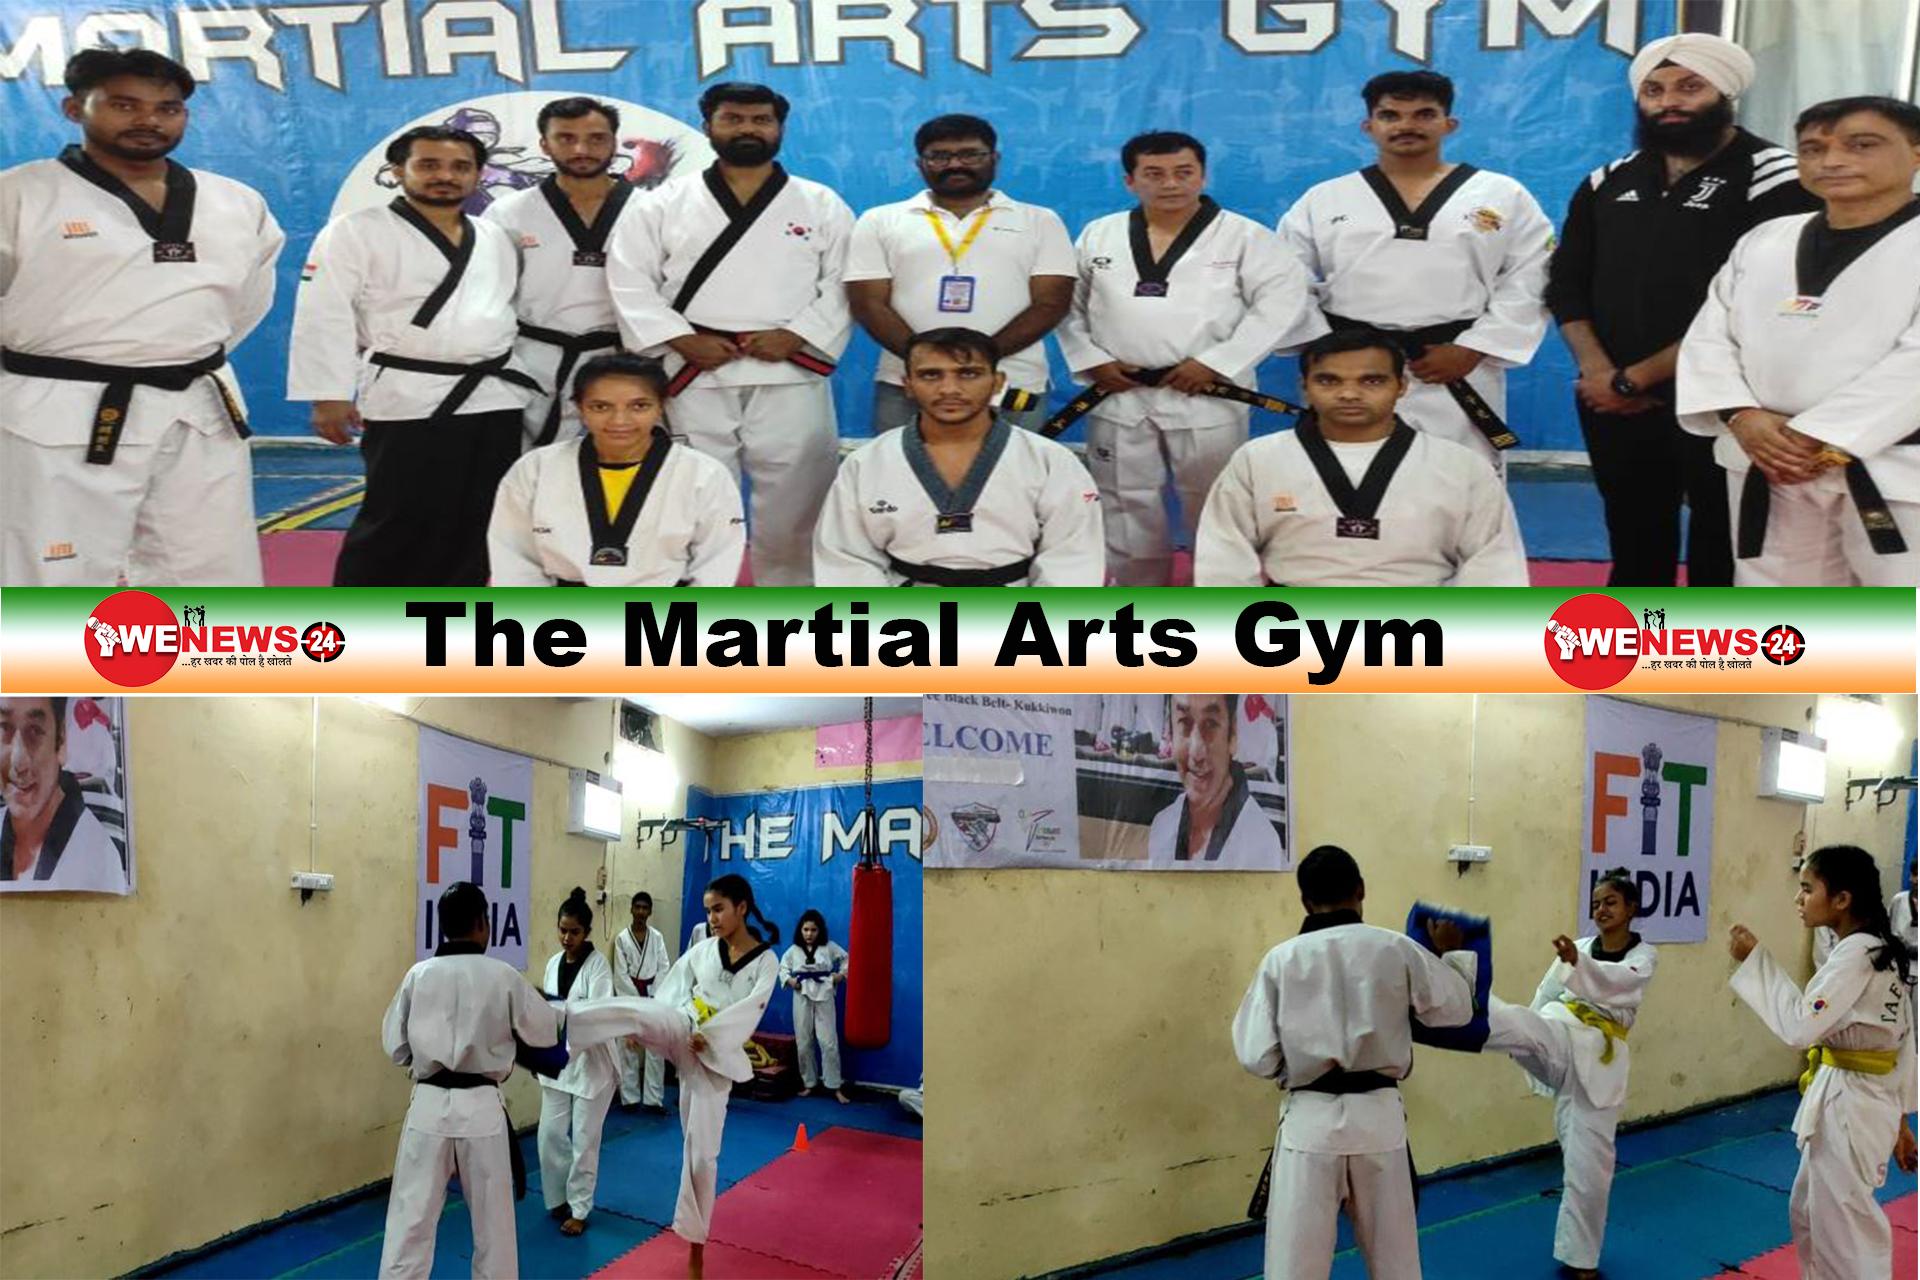 आप जानते है की मार्शल आर्ट्स का जनक कौन है ? जानिए मास्टर जितेंद्र से मार्शल आर्ट के बारे में